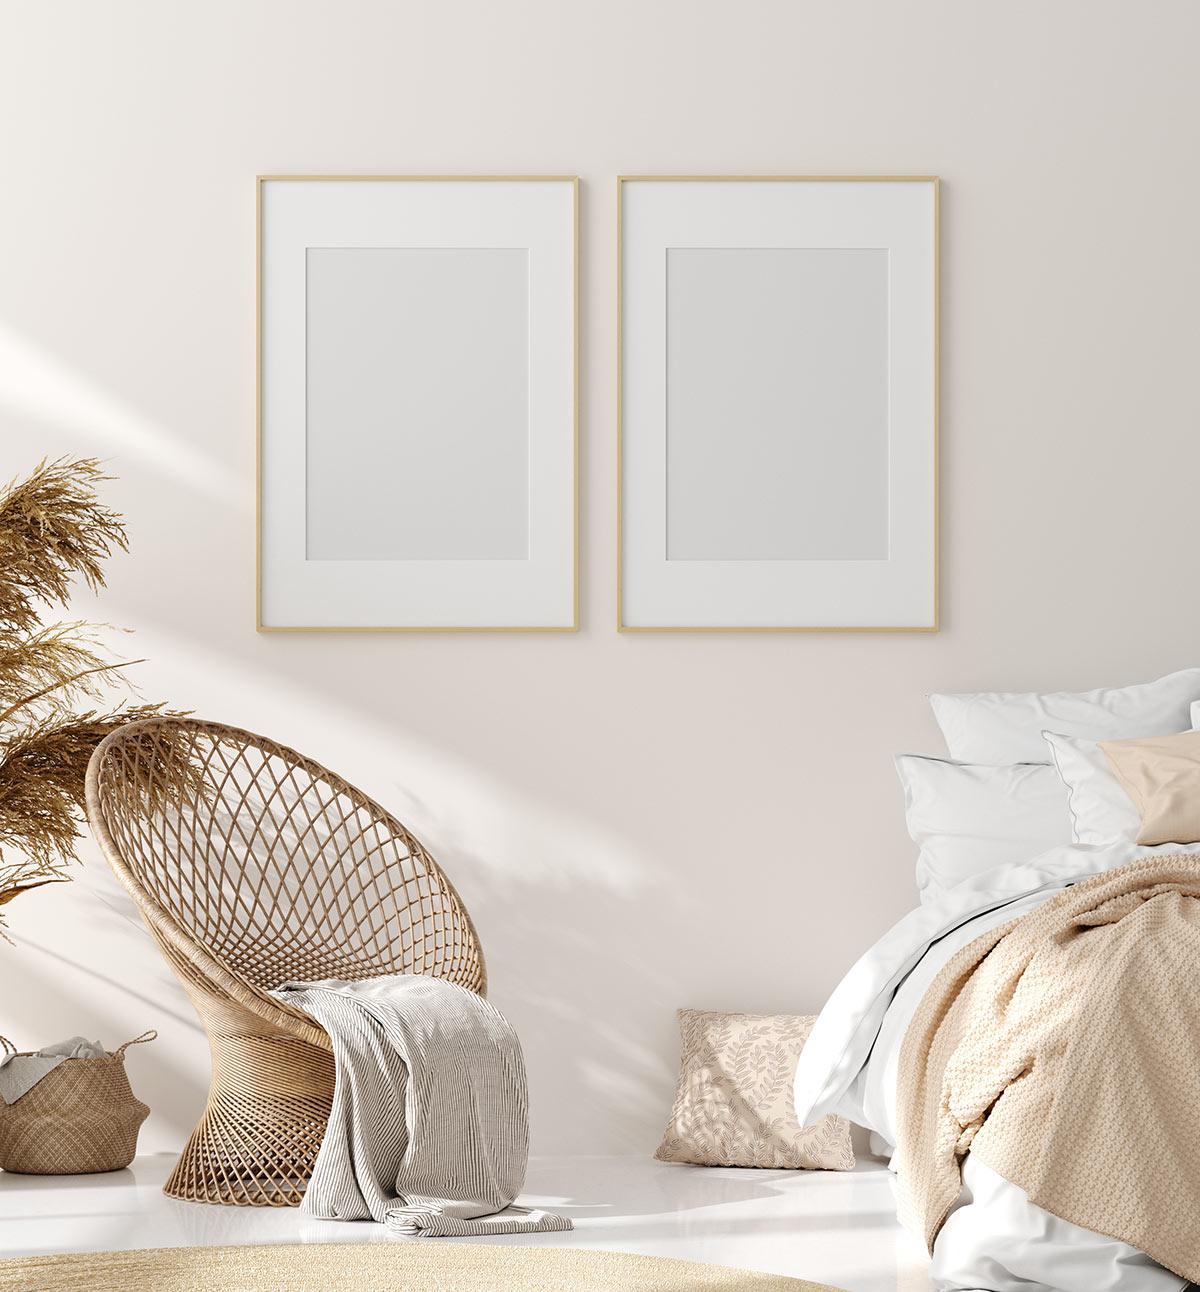 Pavimenti Camere Da Letto Moderne camere da letto moderne: 40 idee per arredare una stanza da